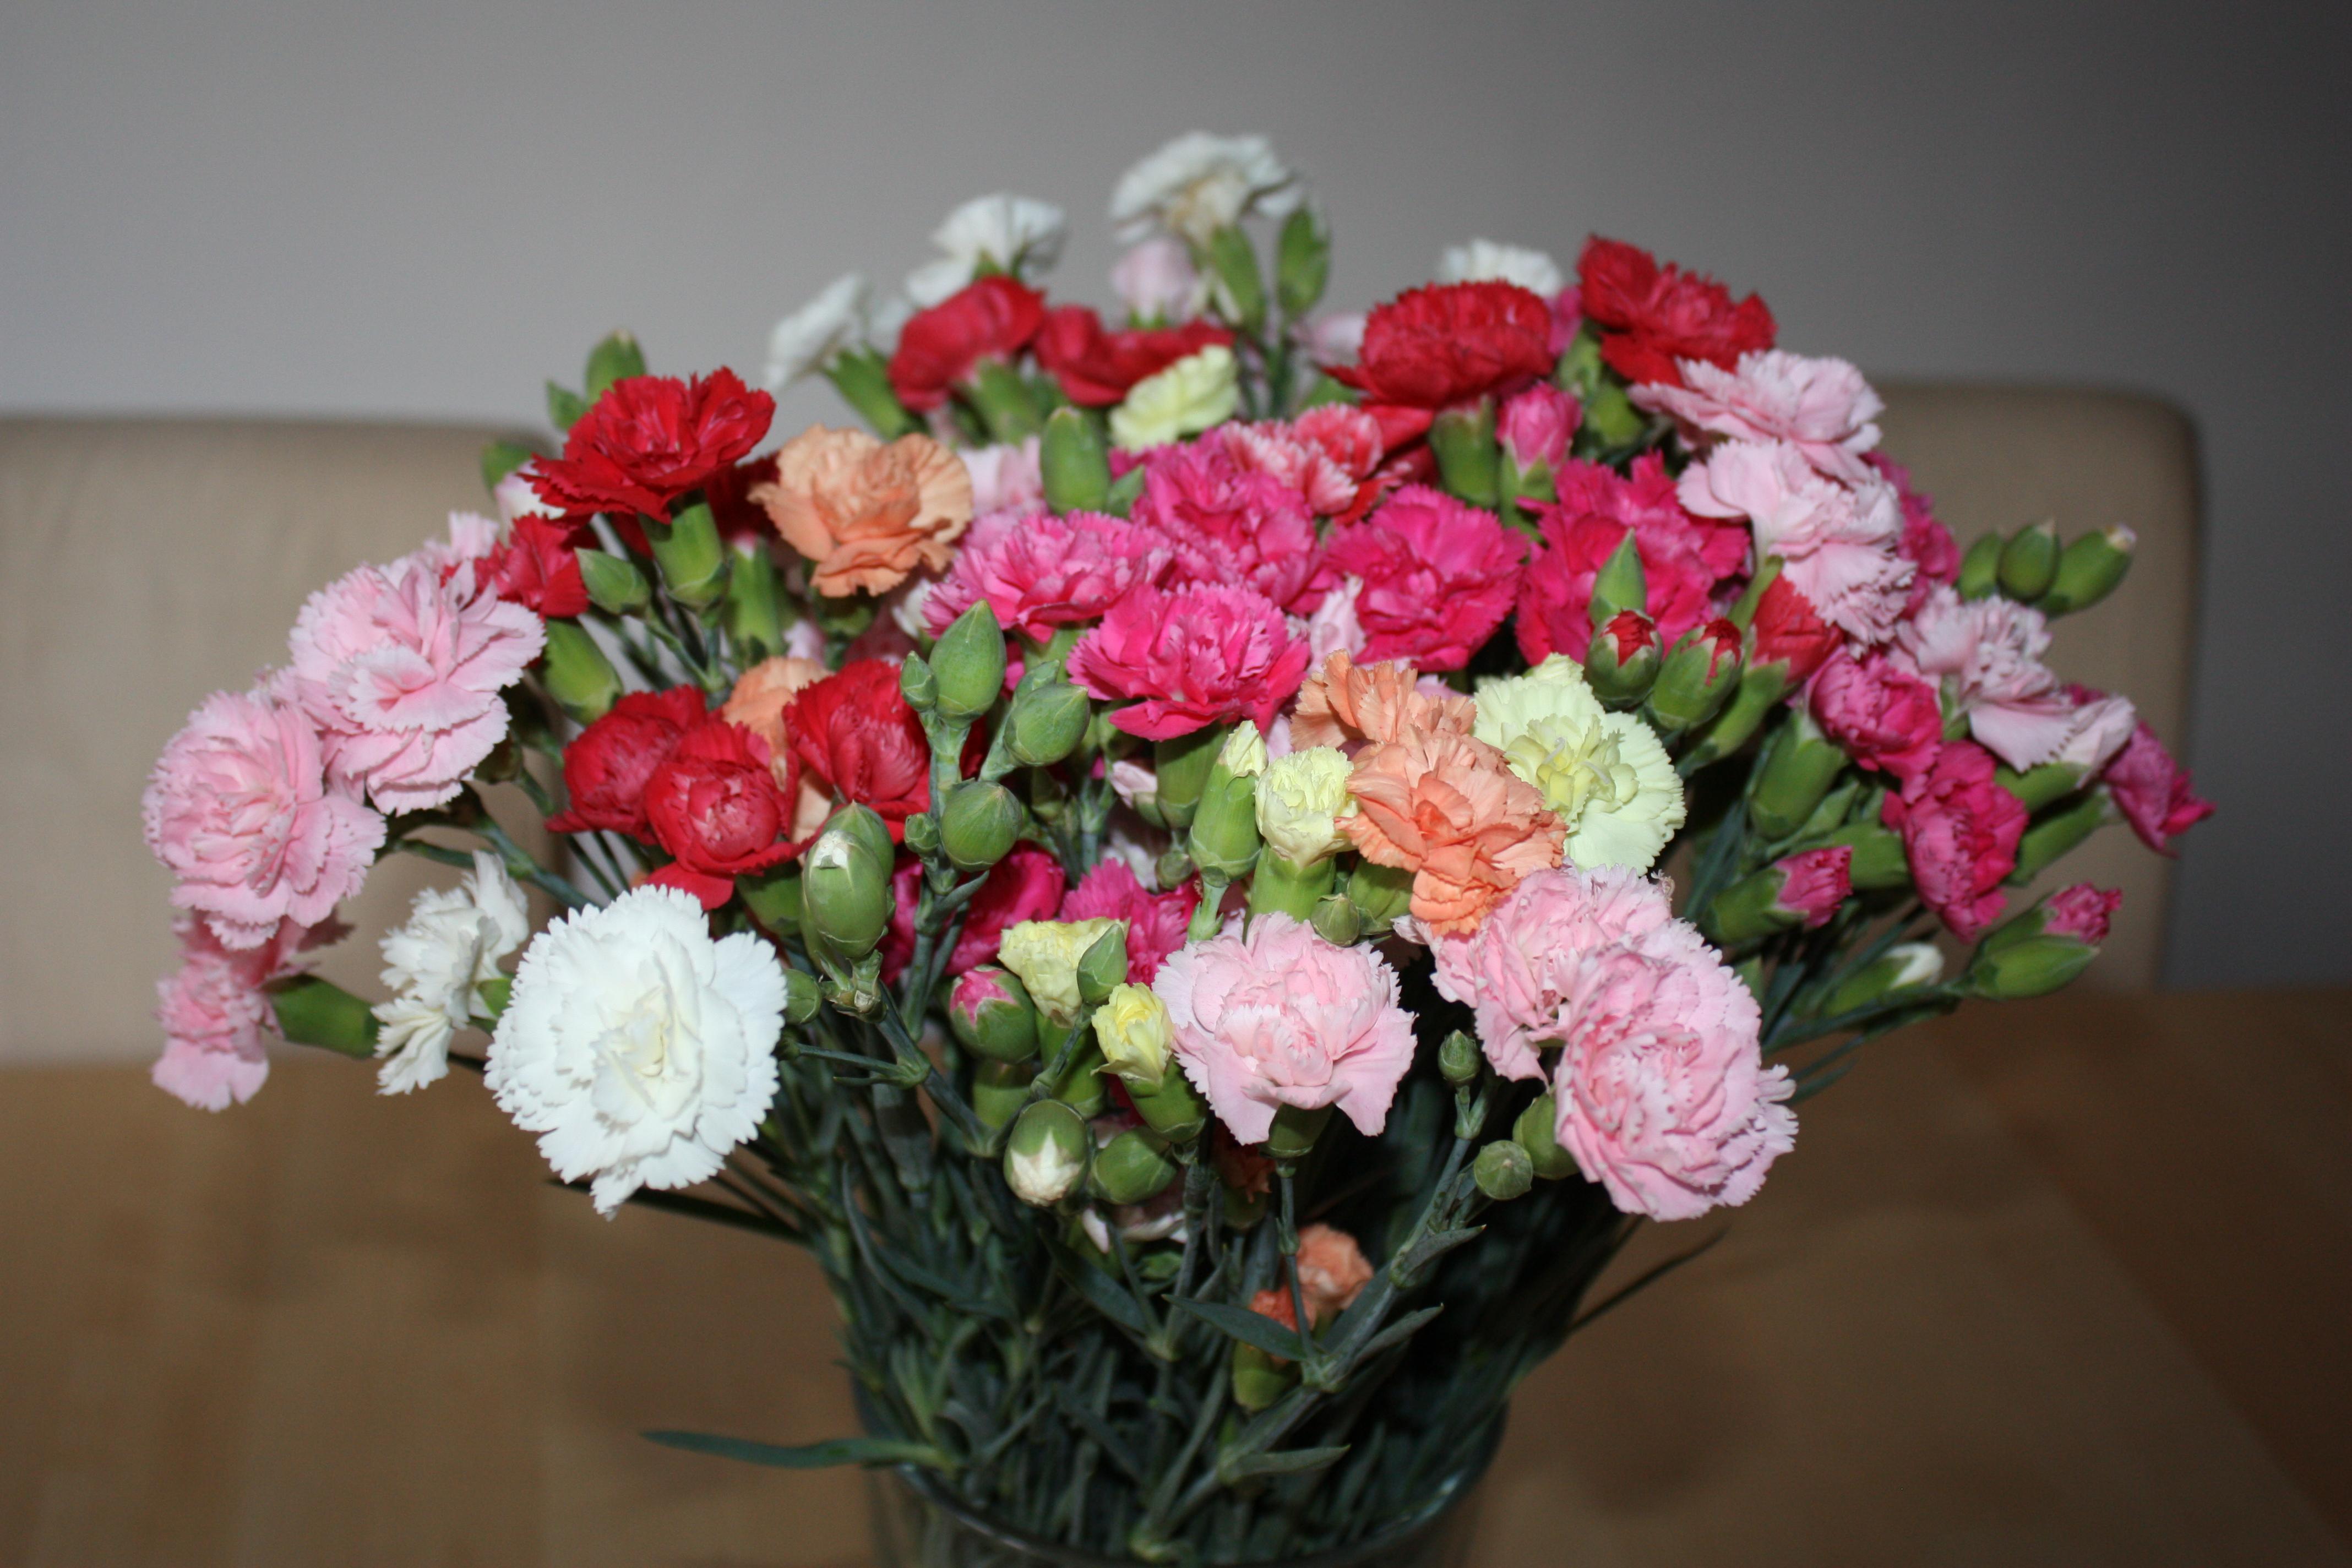 Le bonheur parfois c est simple comme un bouquet de fleurs for Bouquet de fleurs lyon